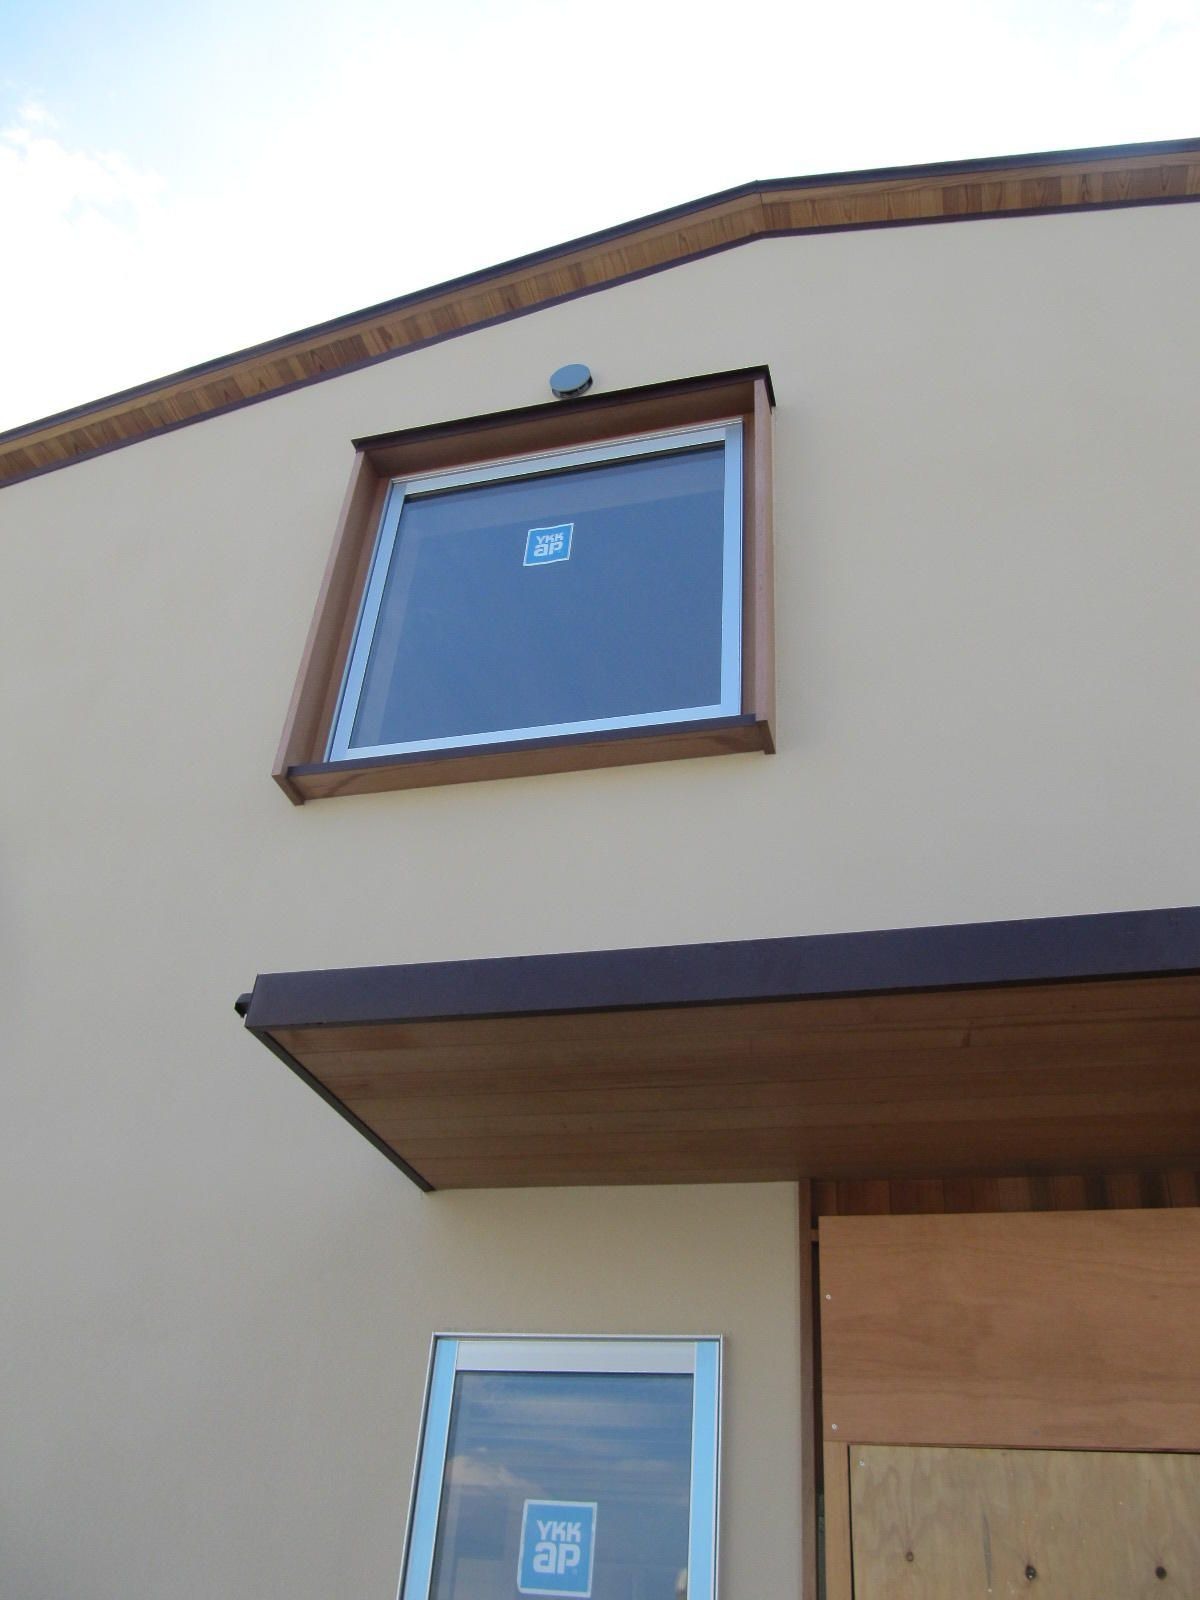 外壁 木枠 の画像検索結果 木枠 窓枠 家